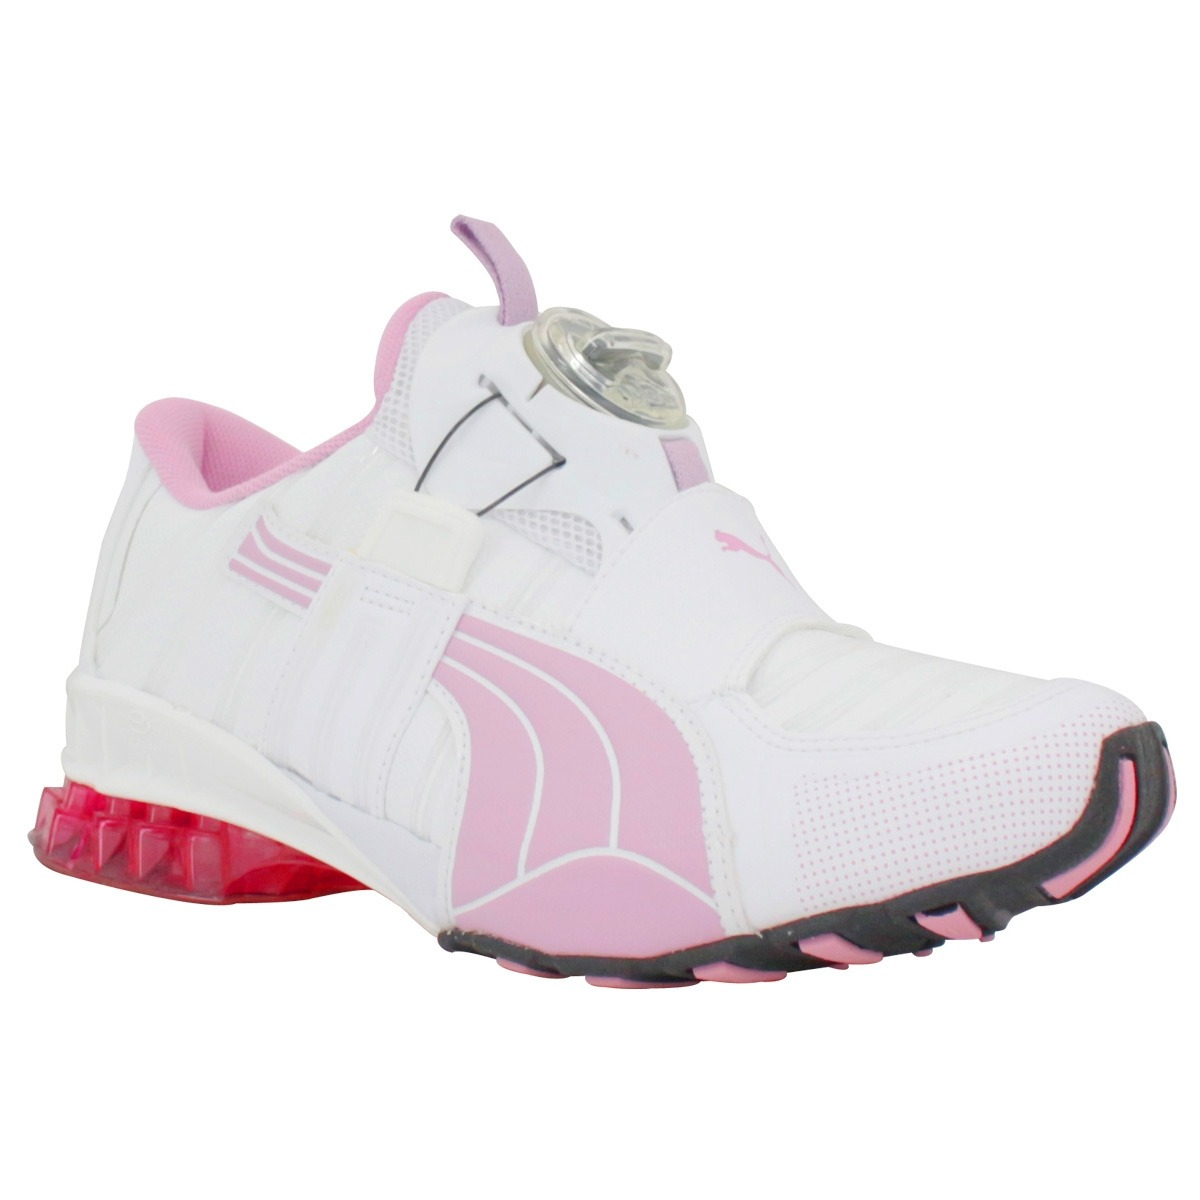 2f131f8b68d tênis puma disc branco rosa feminino tamanho 38. Carregando zoom.